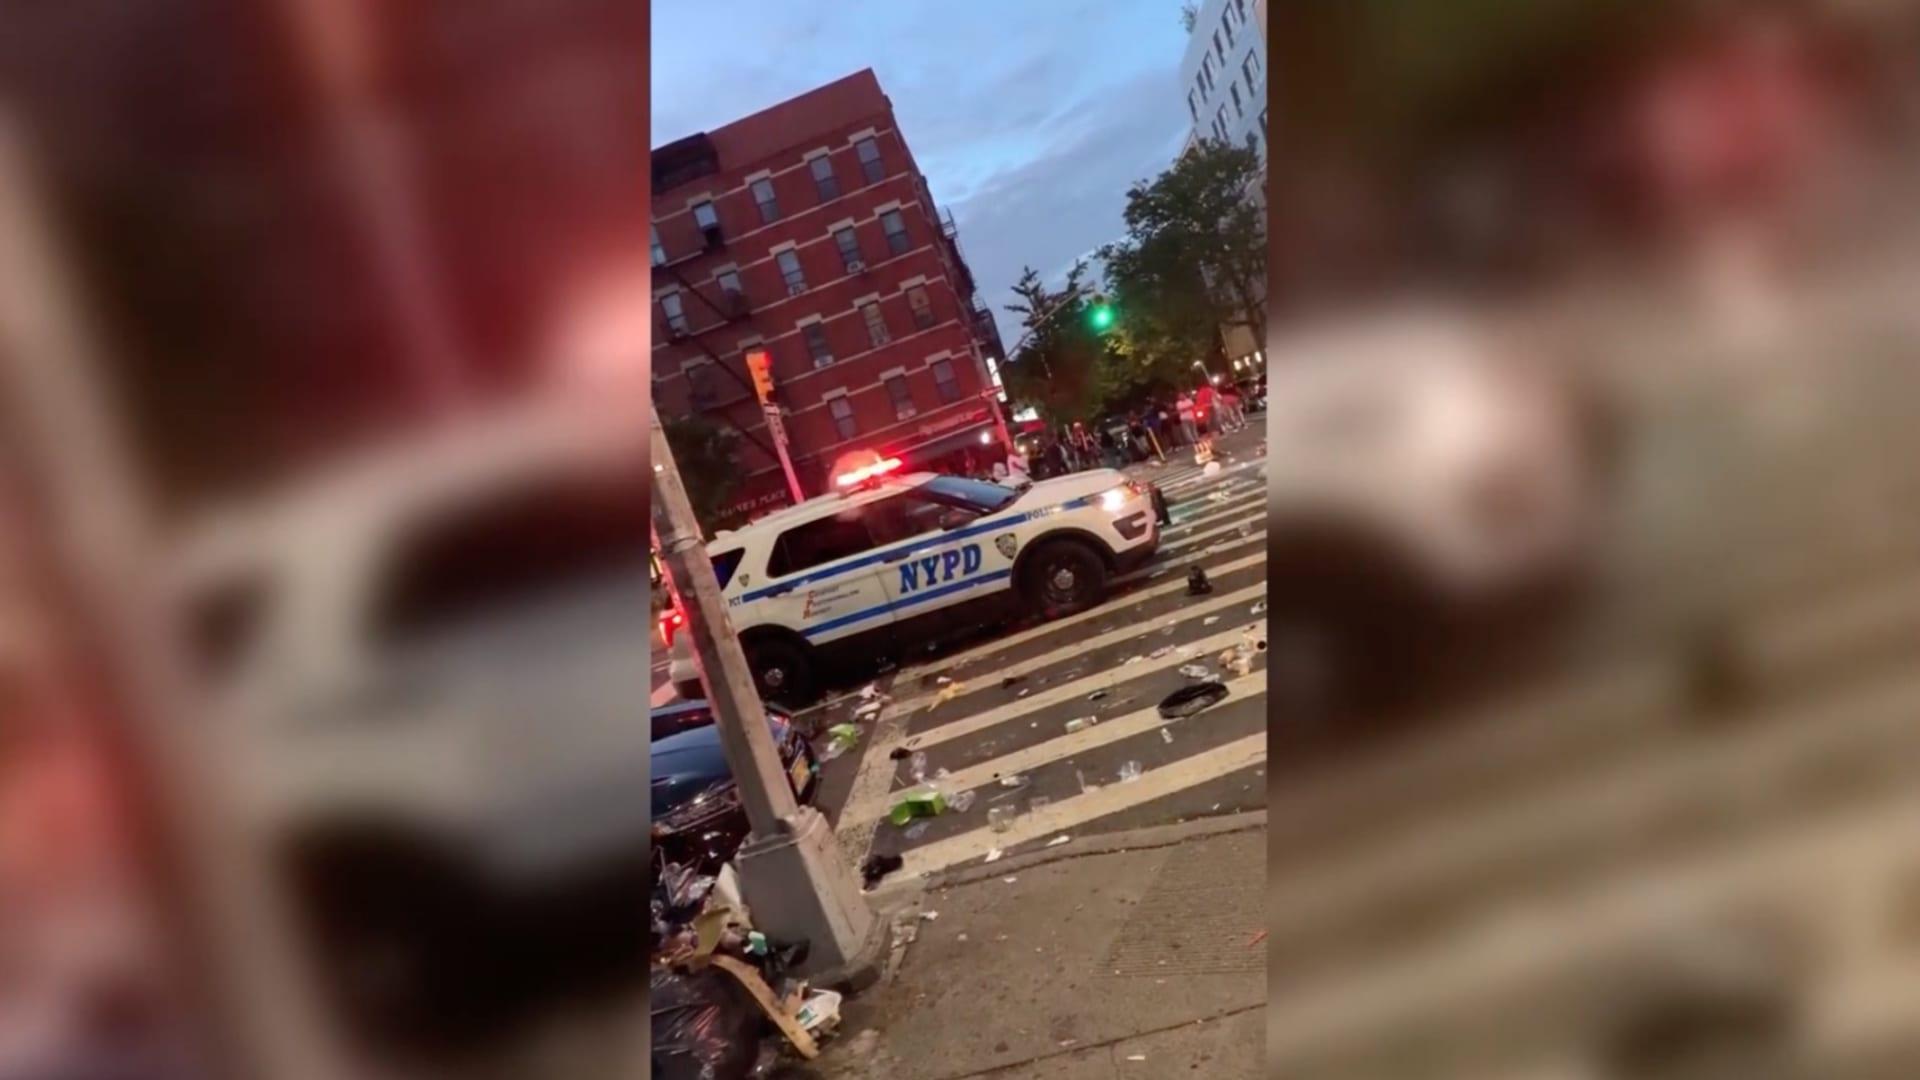 في نيويورك دوريات الشرطة تنسحب تحت وابل من عبوات الزجاج المتطايرة